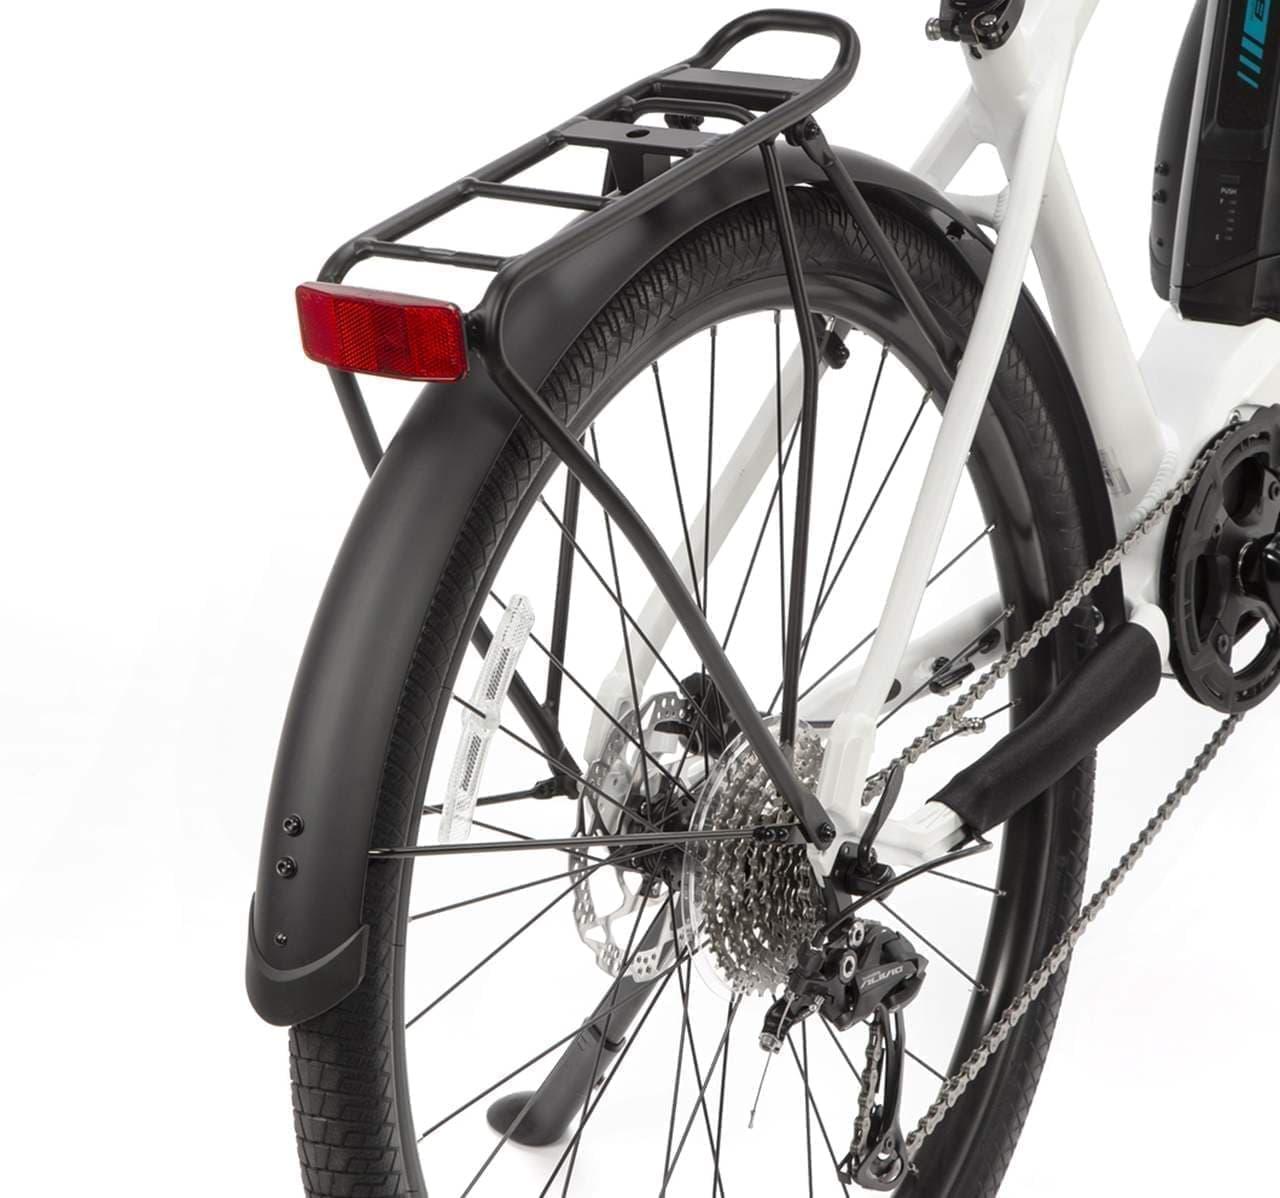 パナソニック 東京2020オリンピック公式電動アシスト自転車「XU1」